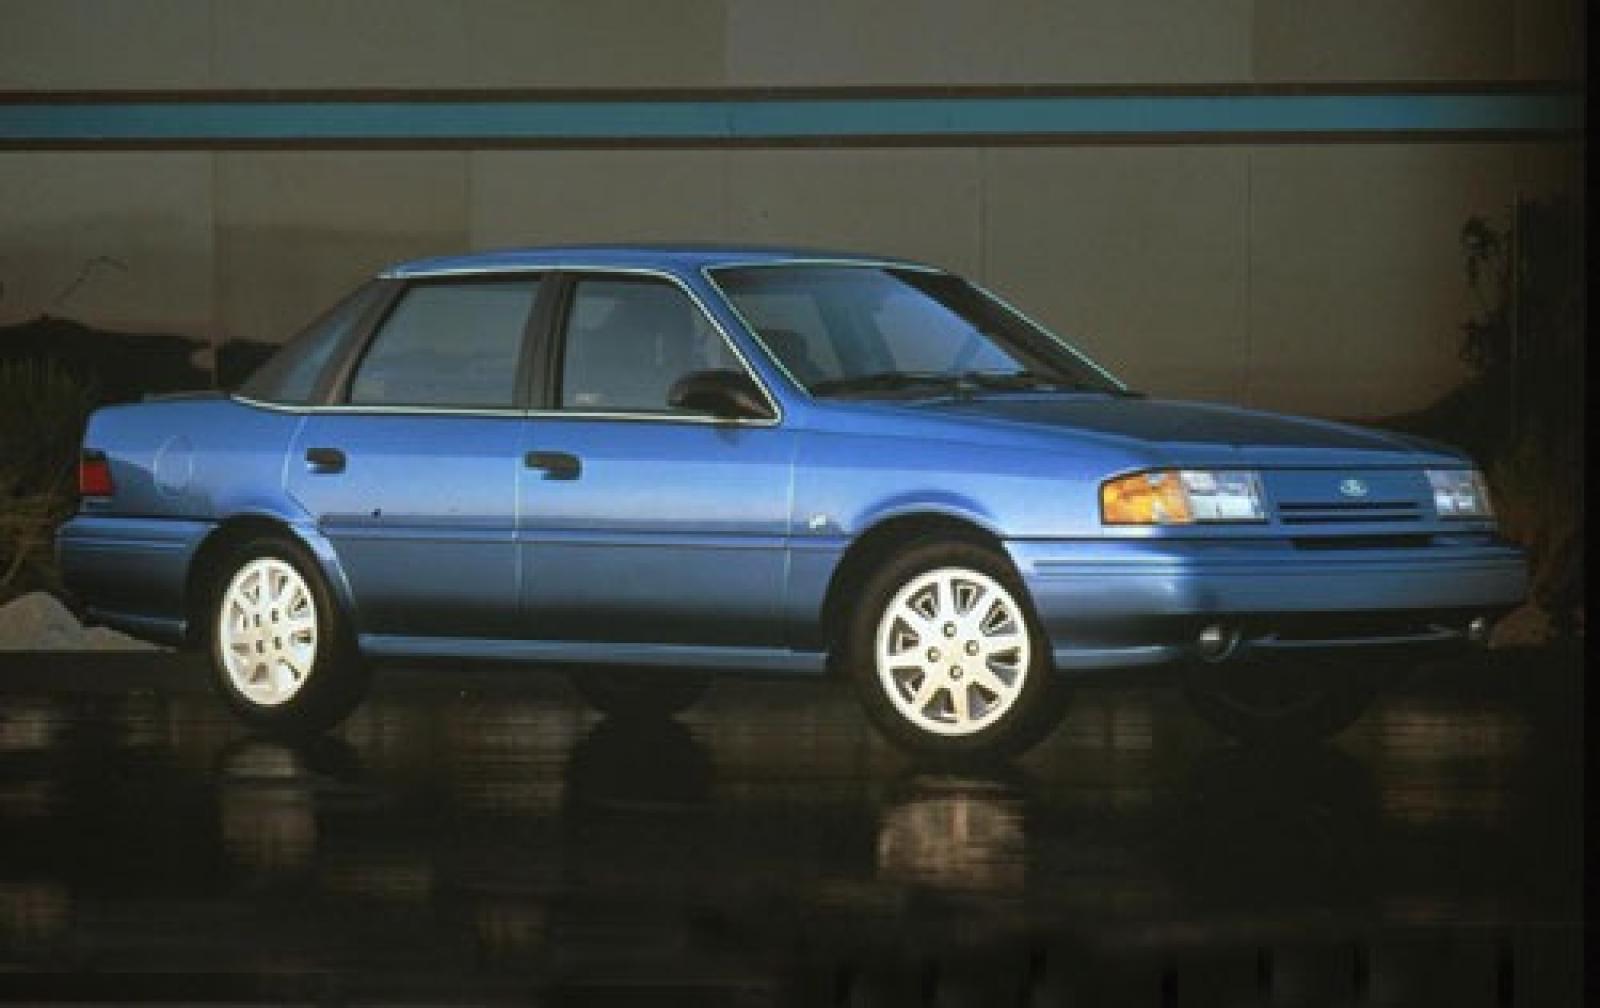 1990 Ford Tempo #1 800 1024 1280 1600 origin